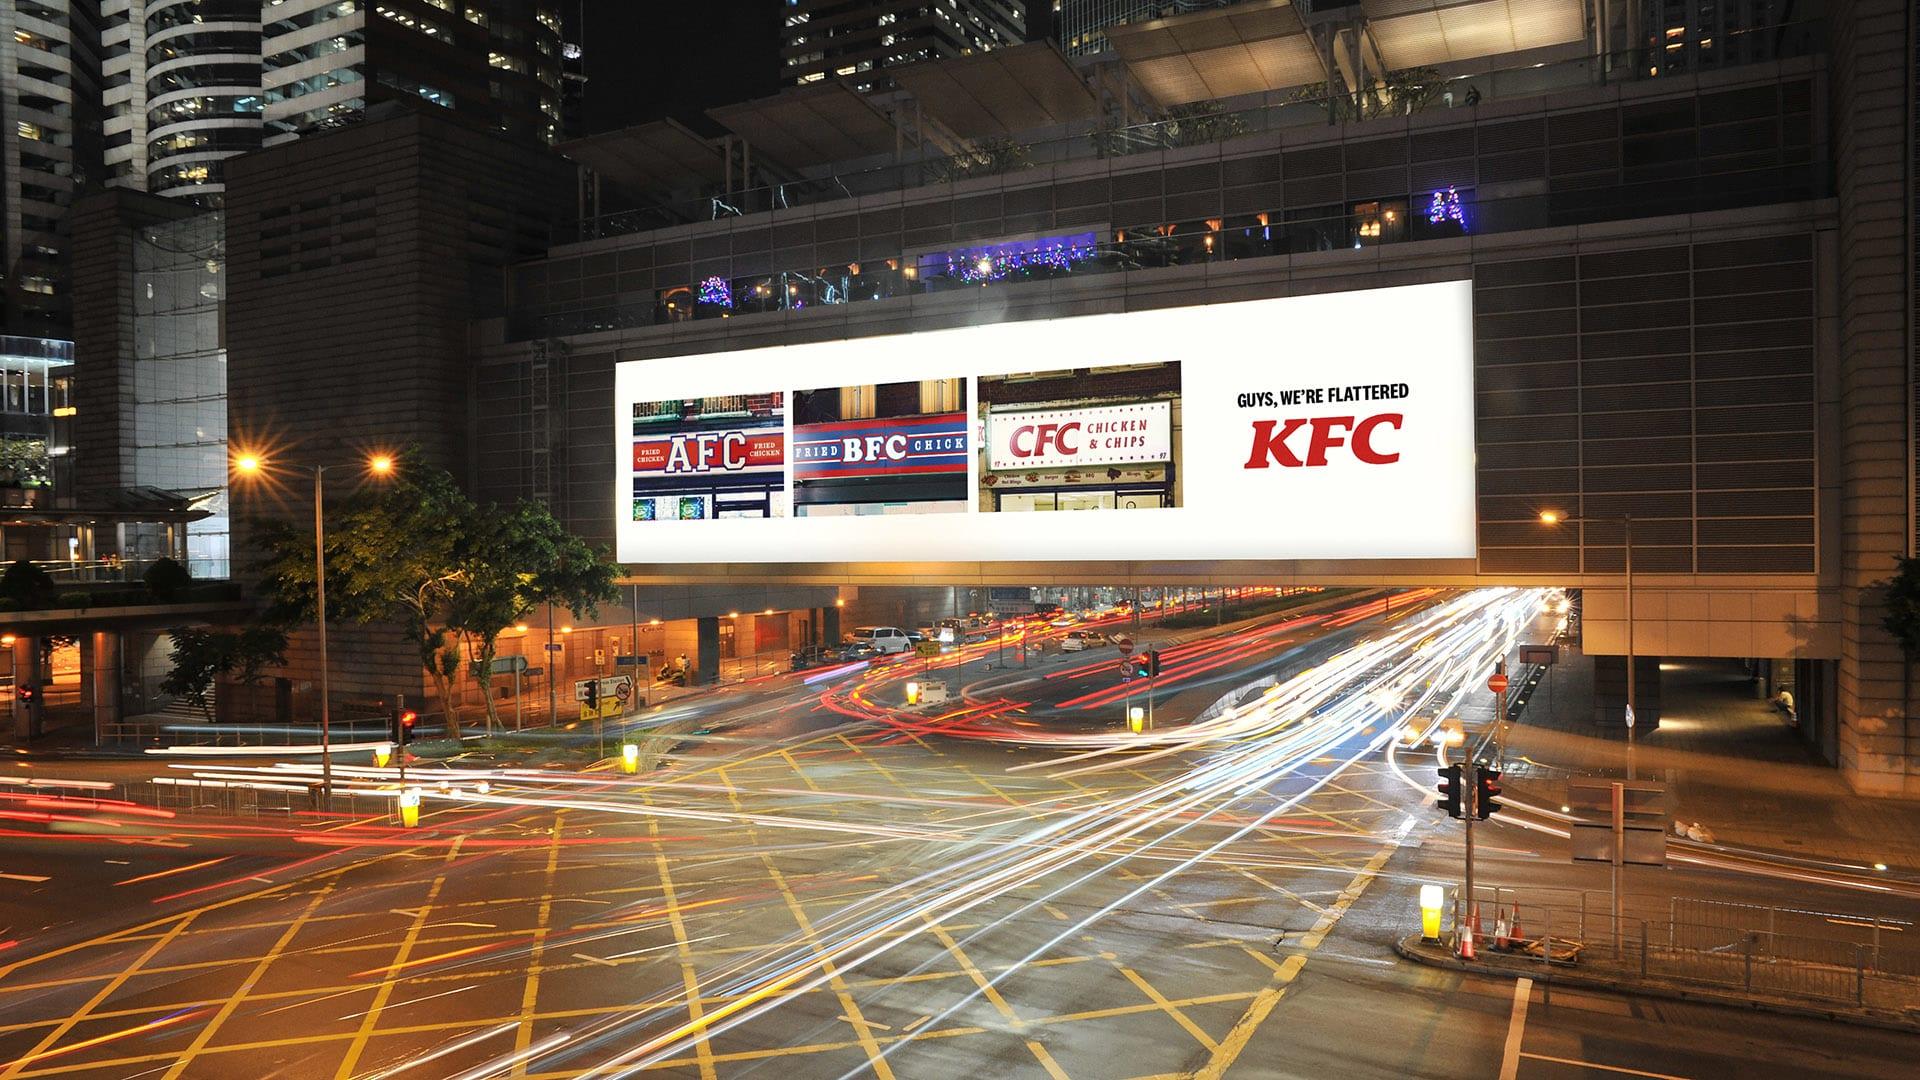 kfc web 2 - KFC vnové kampani děkuje svým imitátorům od AFC až po ZFC